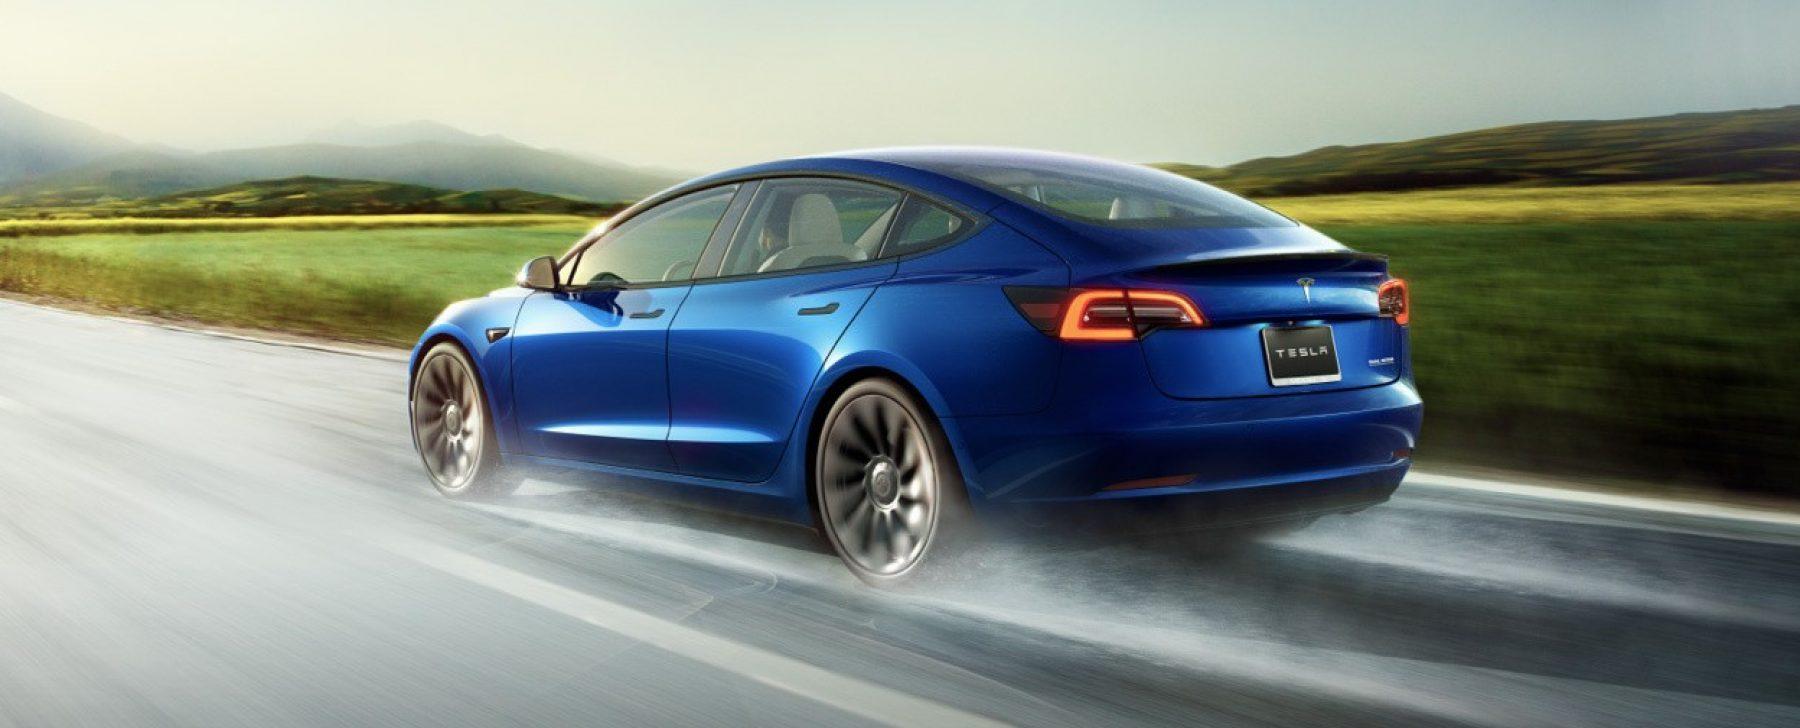 Model 3 Tesla precio